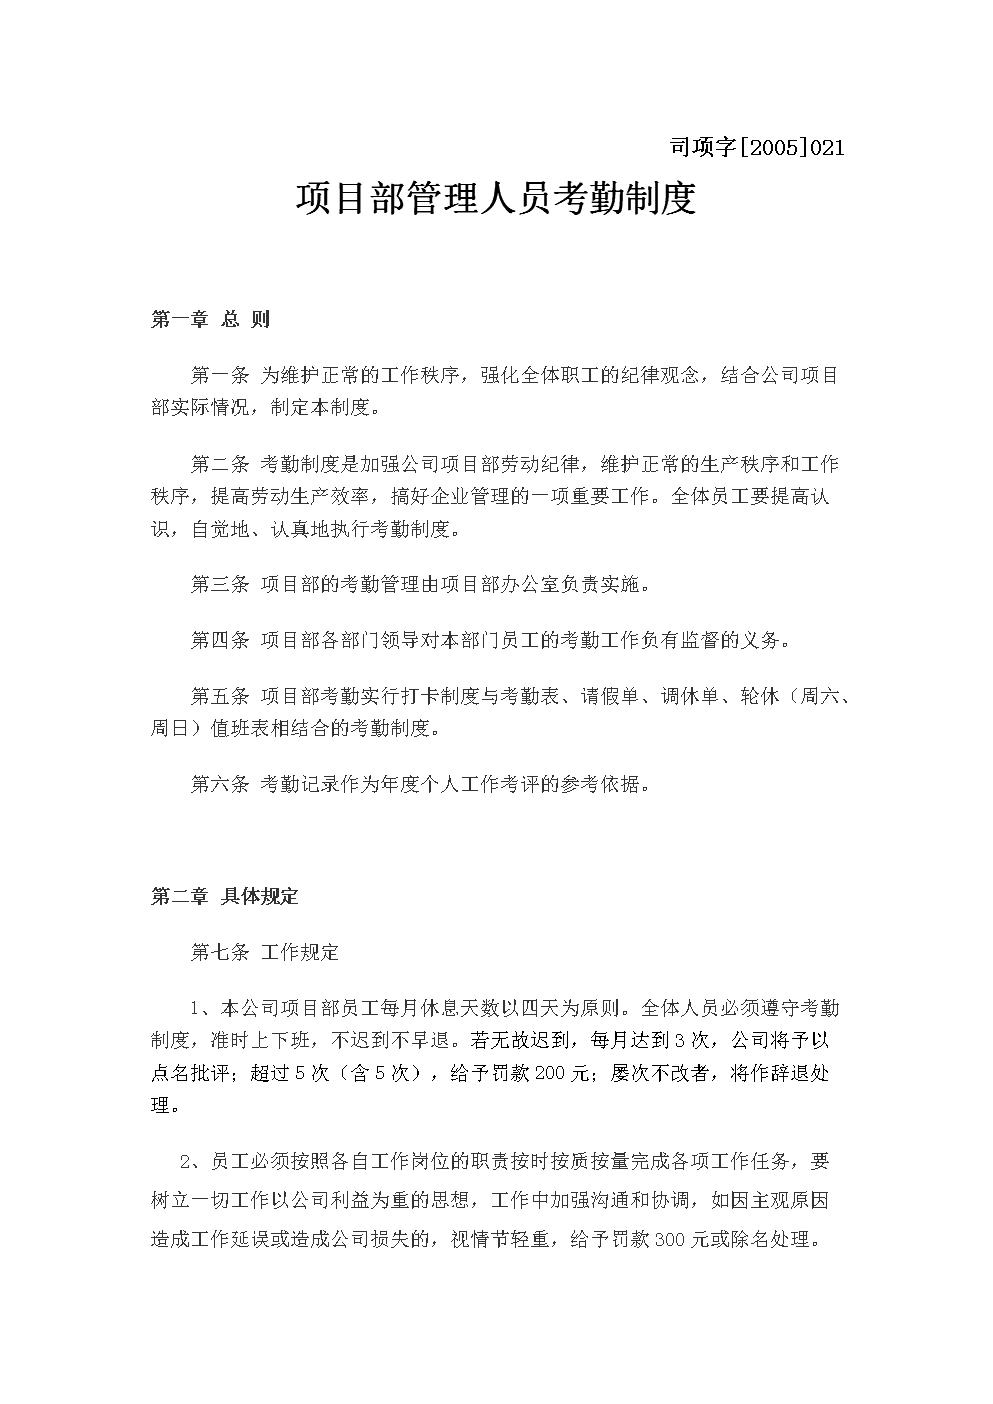 管理制度更新(正式版).docx